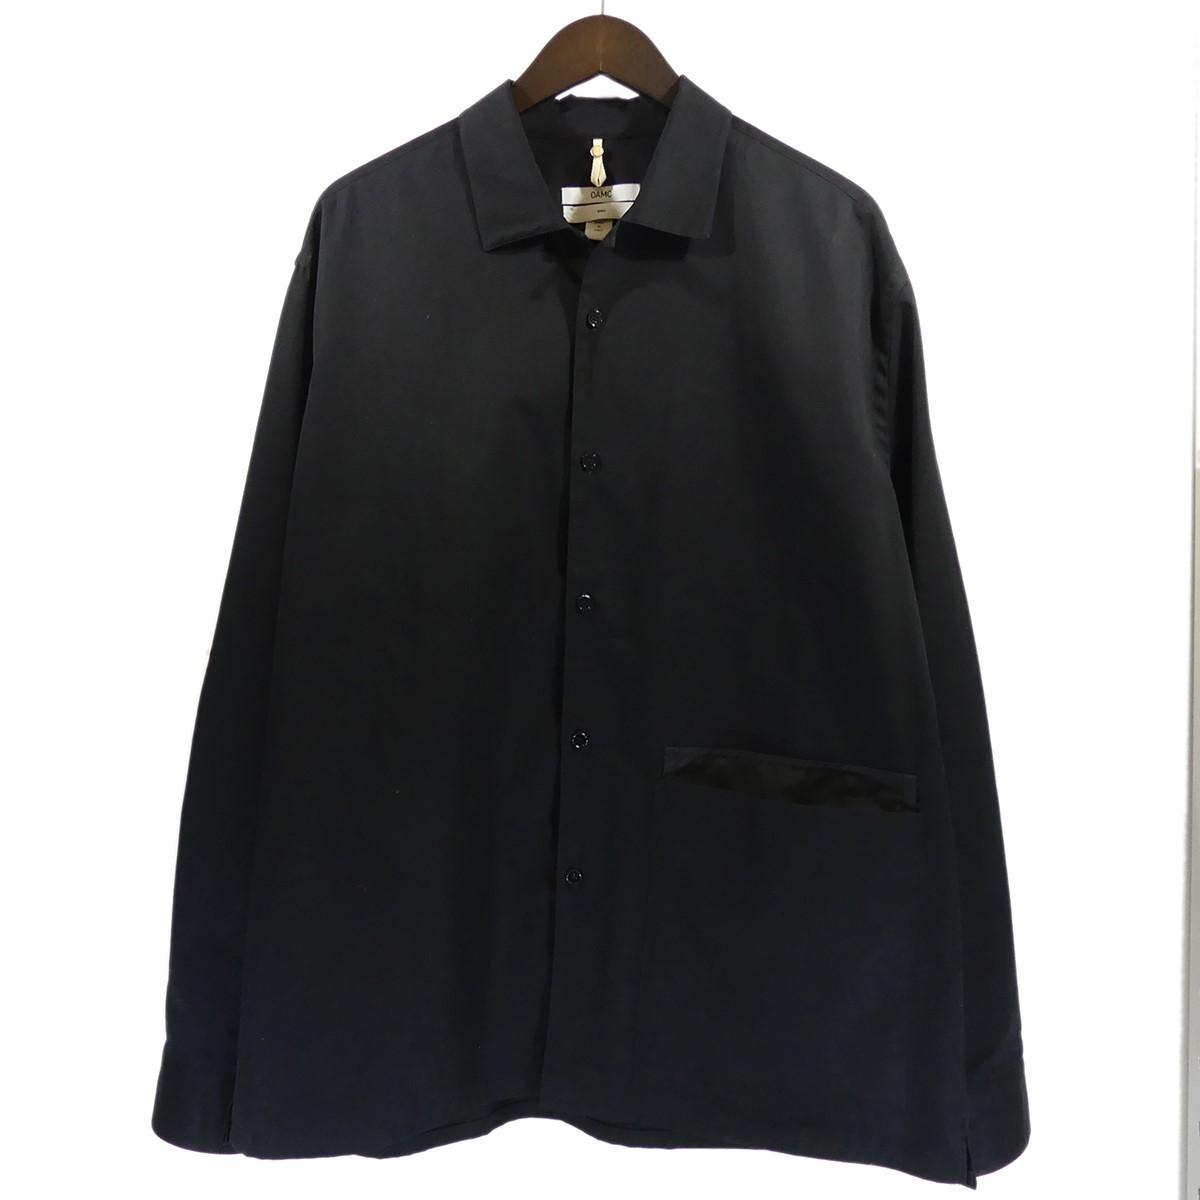 【中古】OAMC (OVER ALL MASTER CLOTH) 2019AW Noise Shirt シャツジャケット ブラック サイズ:S 【120520】(オーエーエムシー)